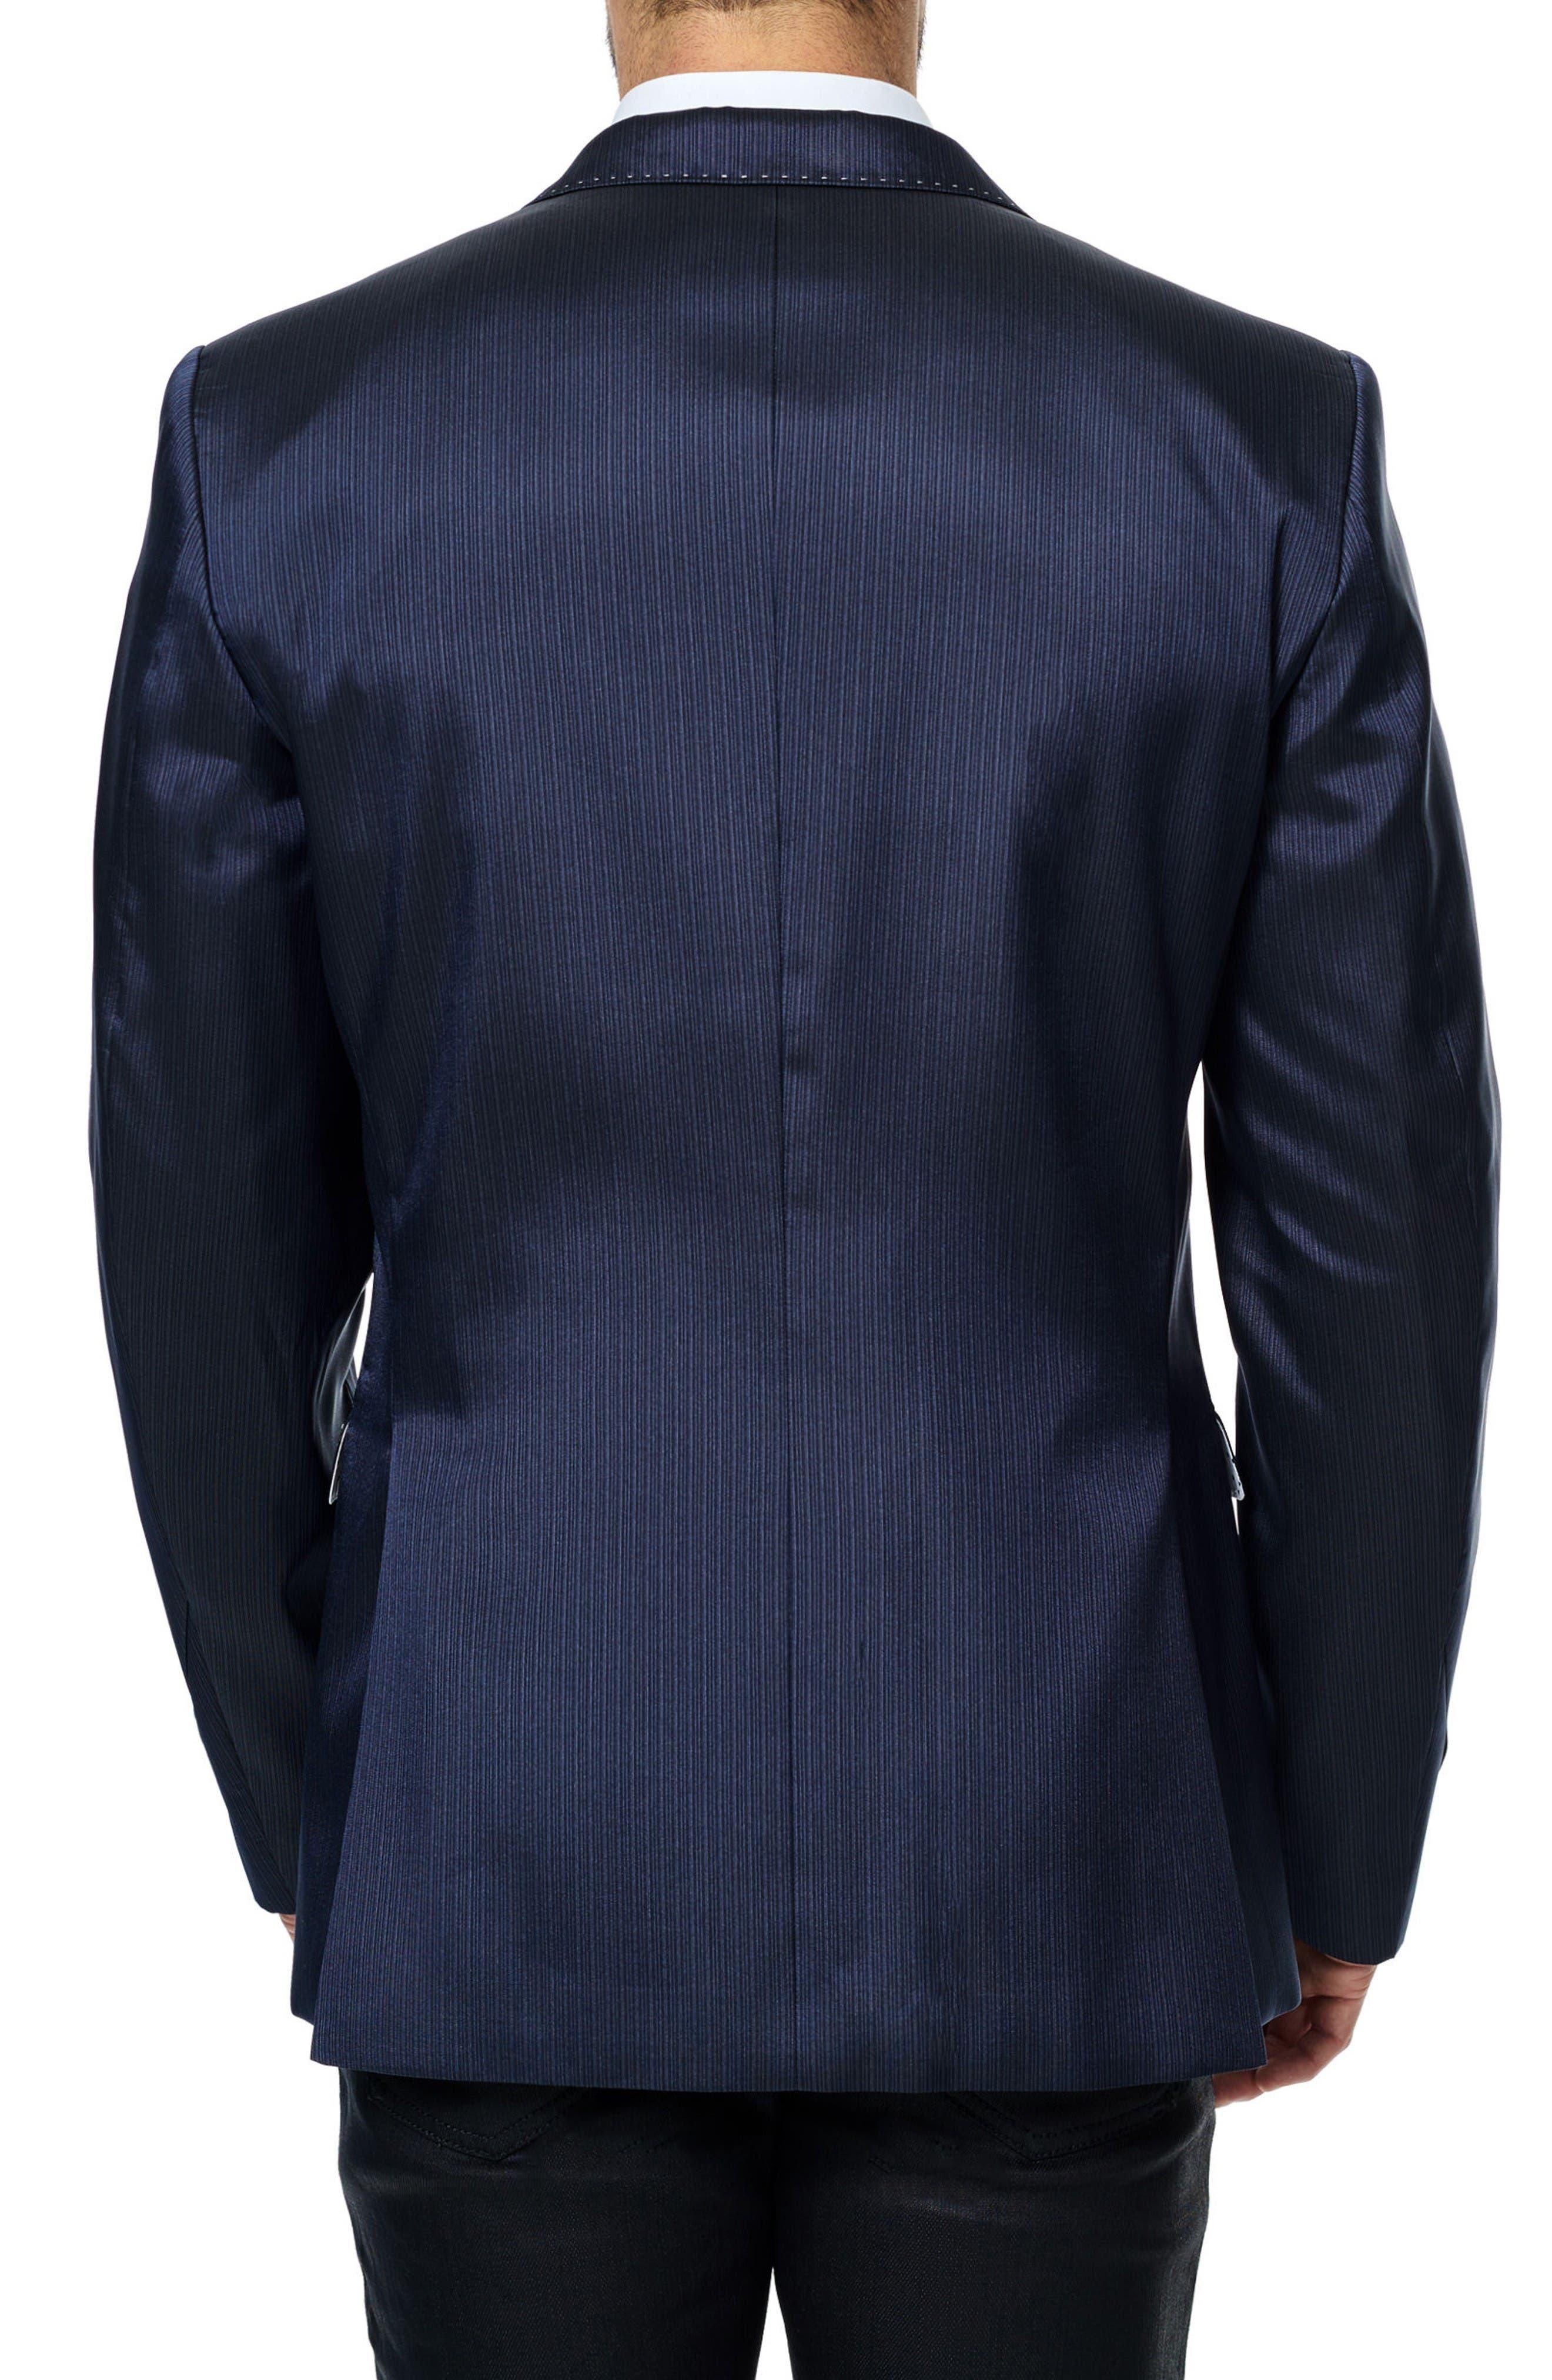 Descartes Stripe Sport Coat,                             Alternate thumbnail 2, color,                             Navy Blue